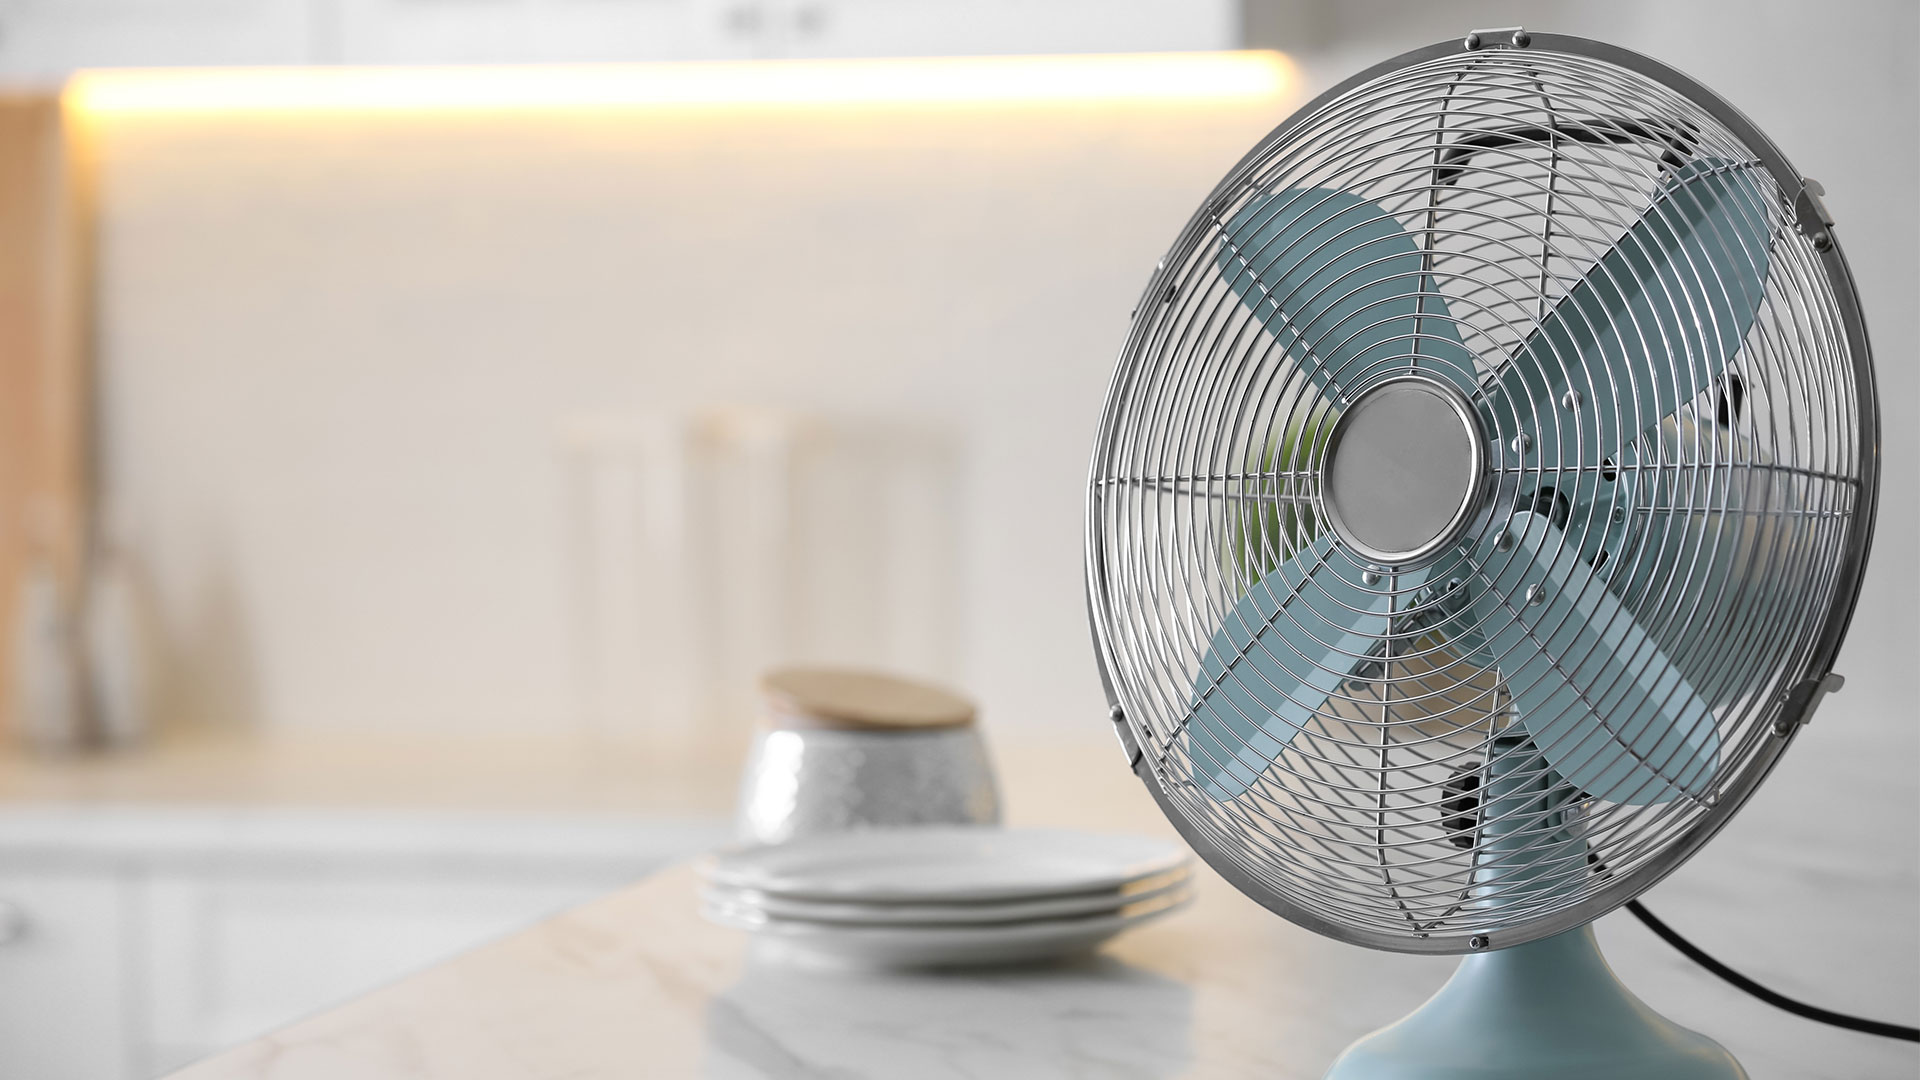 扇風機とサーキュレーターの違いは?利用目的が異なる